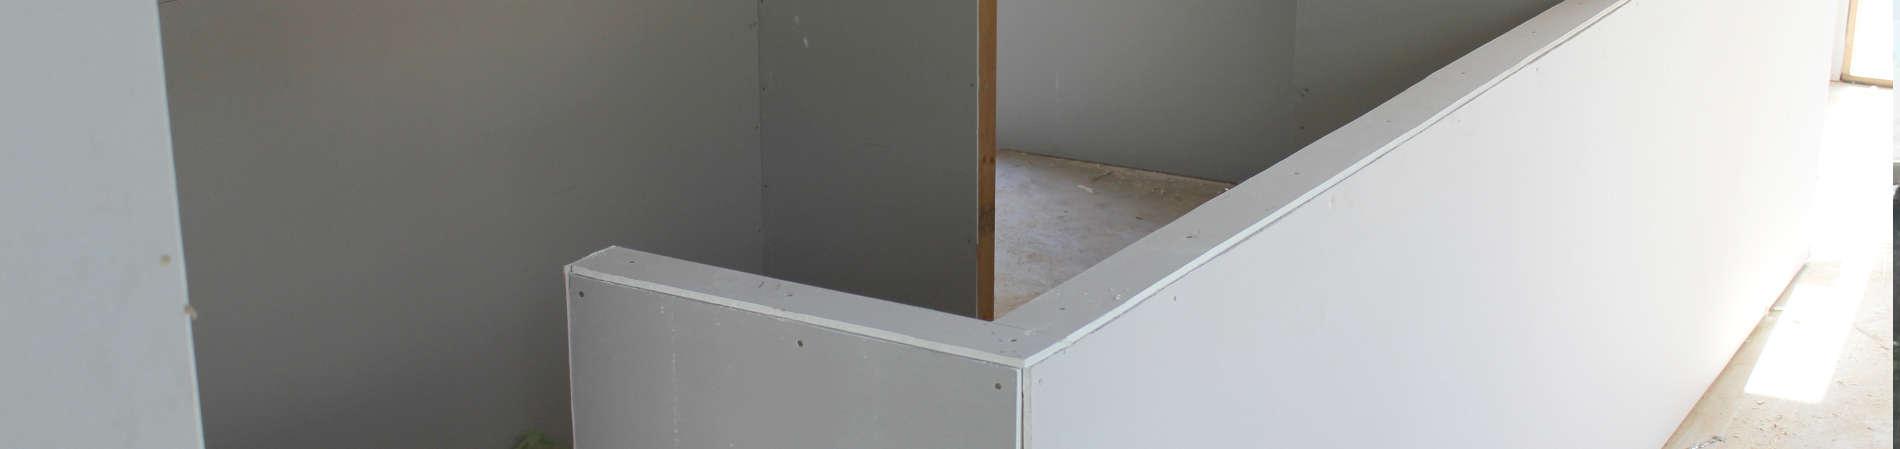 Presupuesto falso techo pladur precios cronoshare - Falsos techos de pladur ...